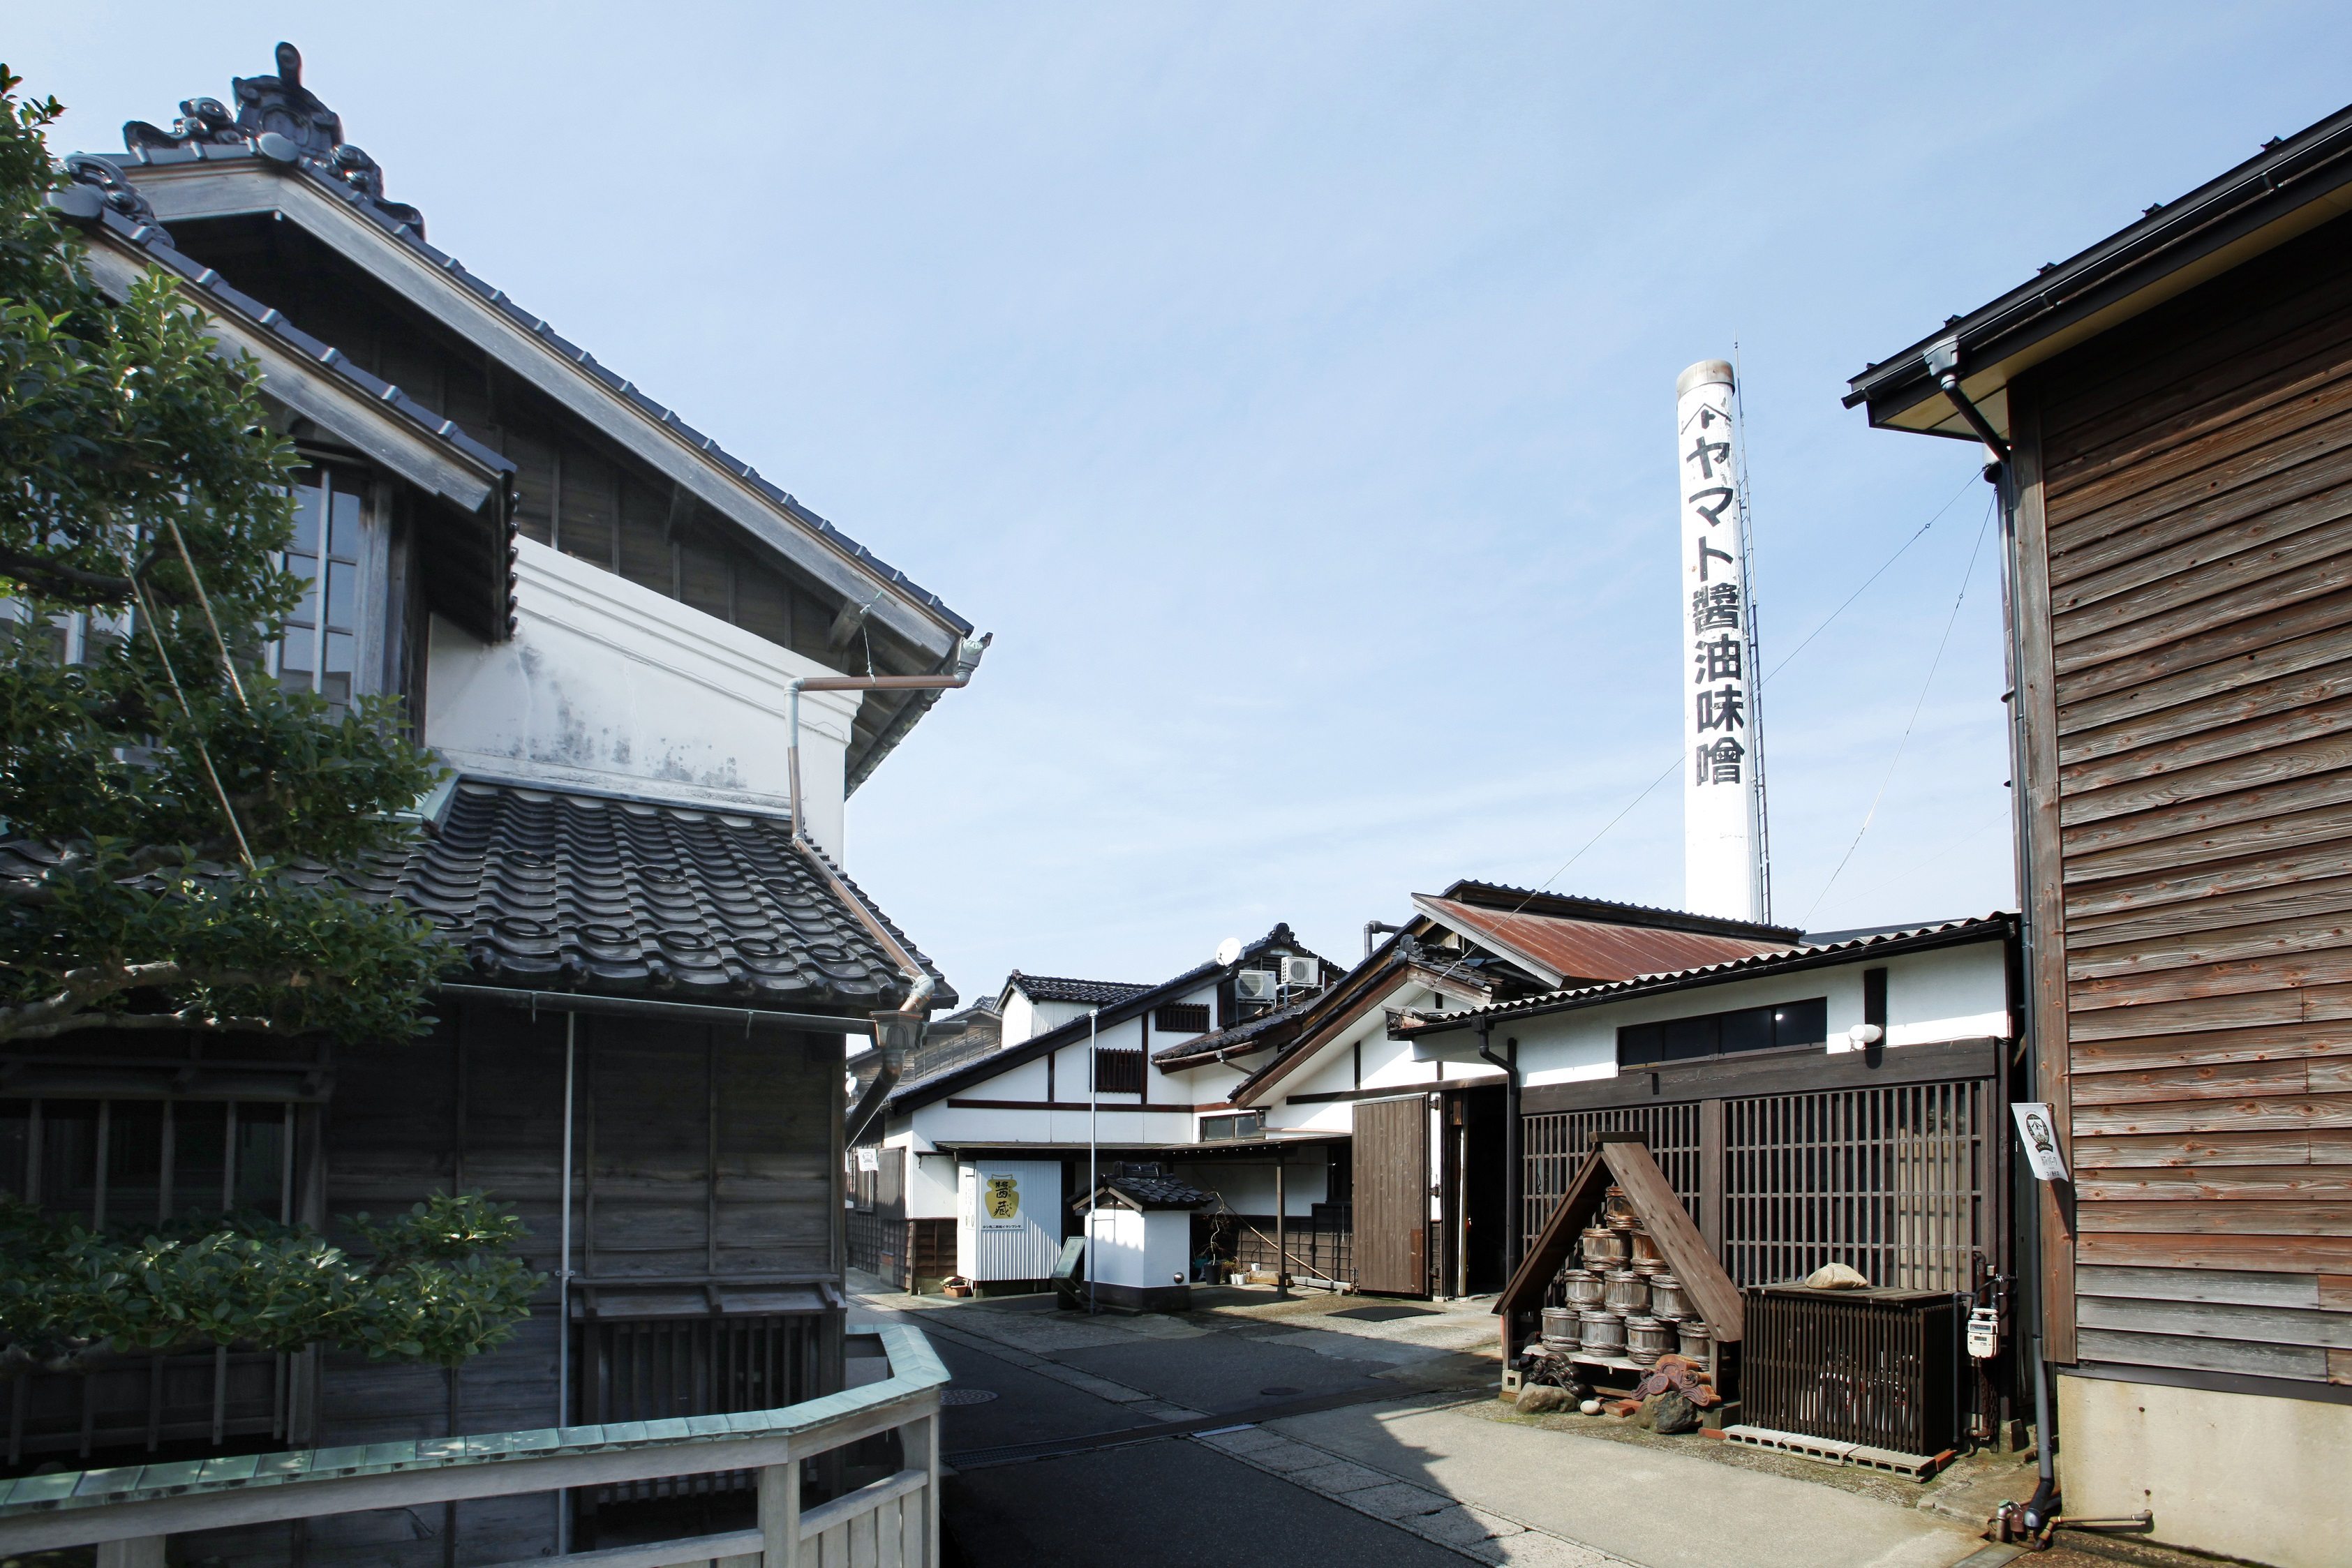 金沢港近くの風情ある町並み。シンボルの煙突が目印